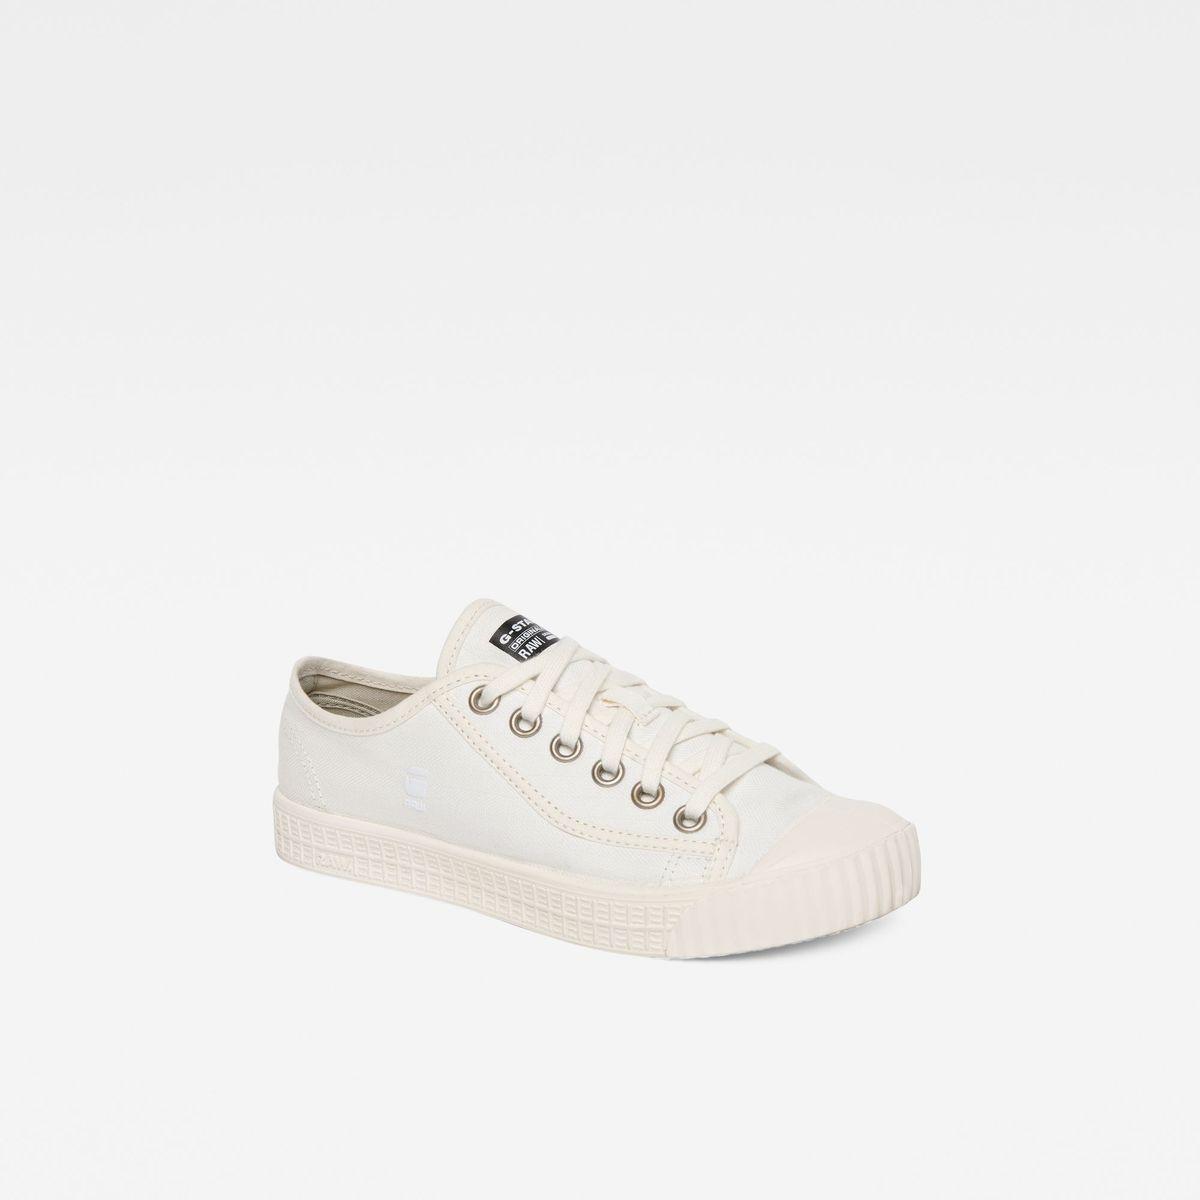 Bild 3 von Rovulc Denim Sneakers